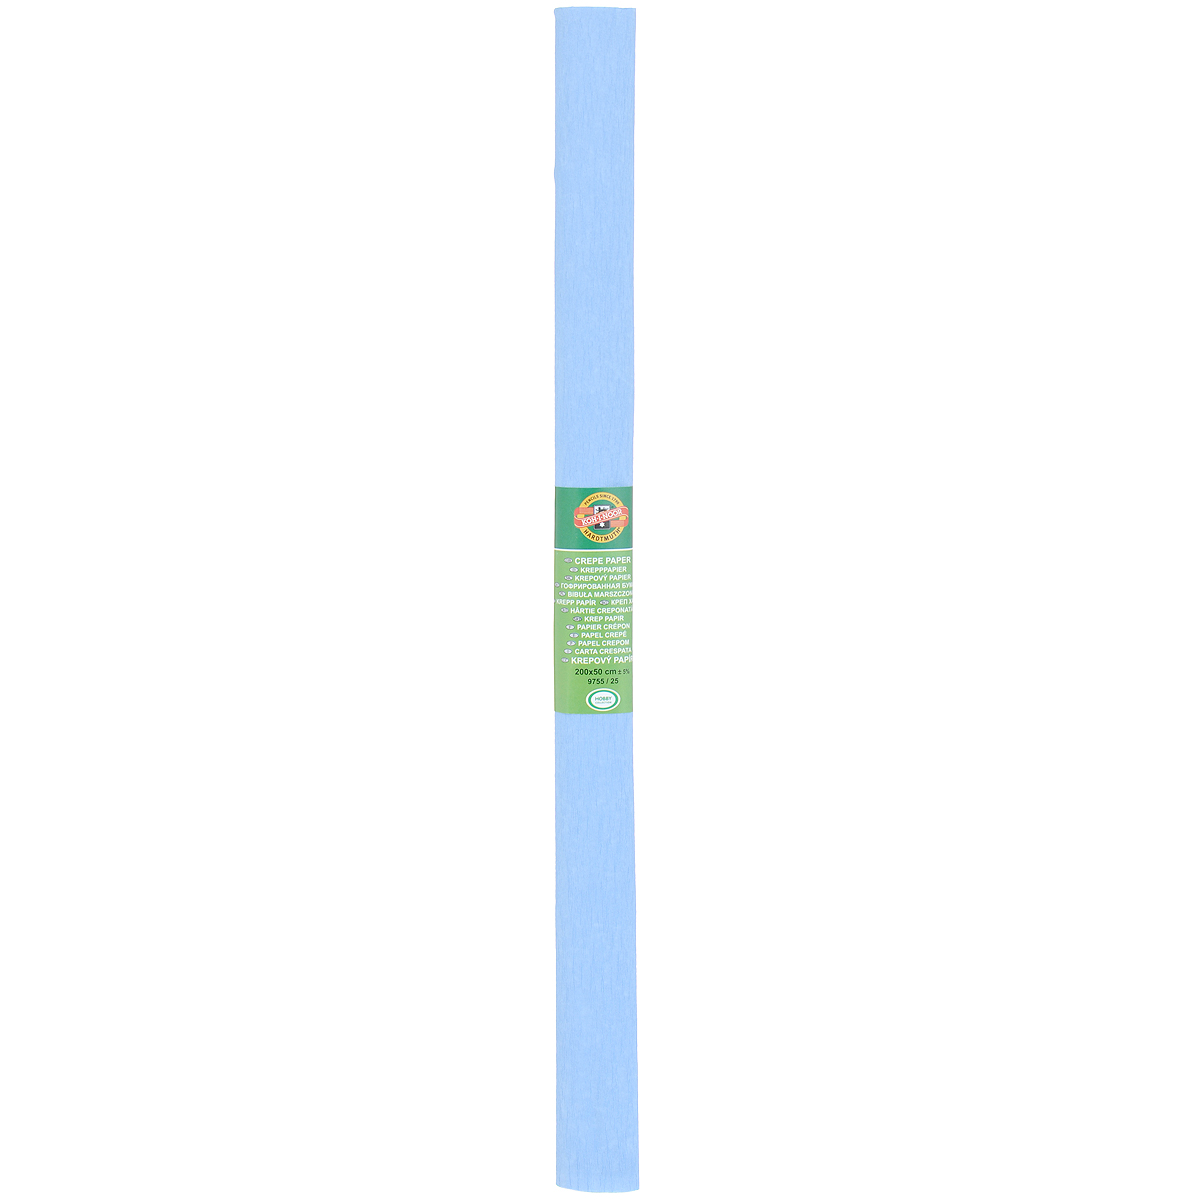 Бумага гофрированная Koh-I-Noor, цвет: голубой, 50 см x 2 мSS 4041Гофрированная бумага Koh-I-Noor - прекрасный материал для декорирования, изготовления эффектной упаковки и различных поделок. Бумага прекрасно держит форму, не пачкает руки, отлично крепится и замечательно подходит для изготовления праздничной упаковки для цветов.